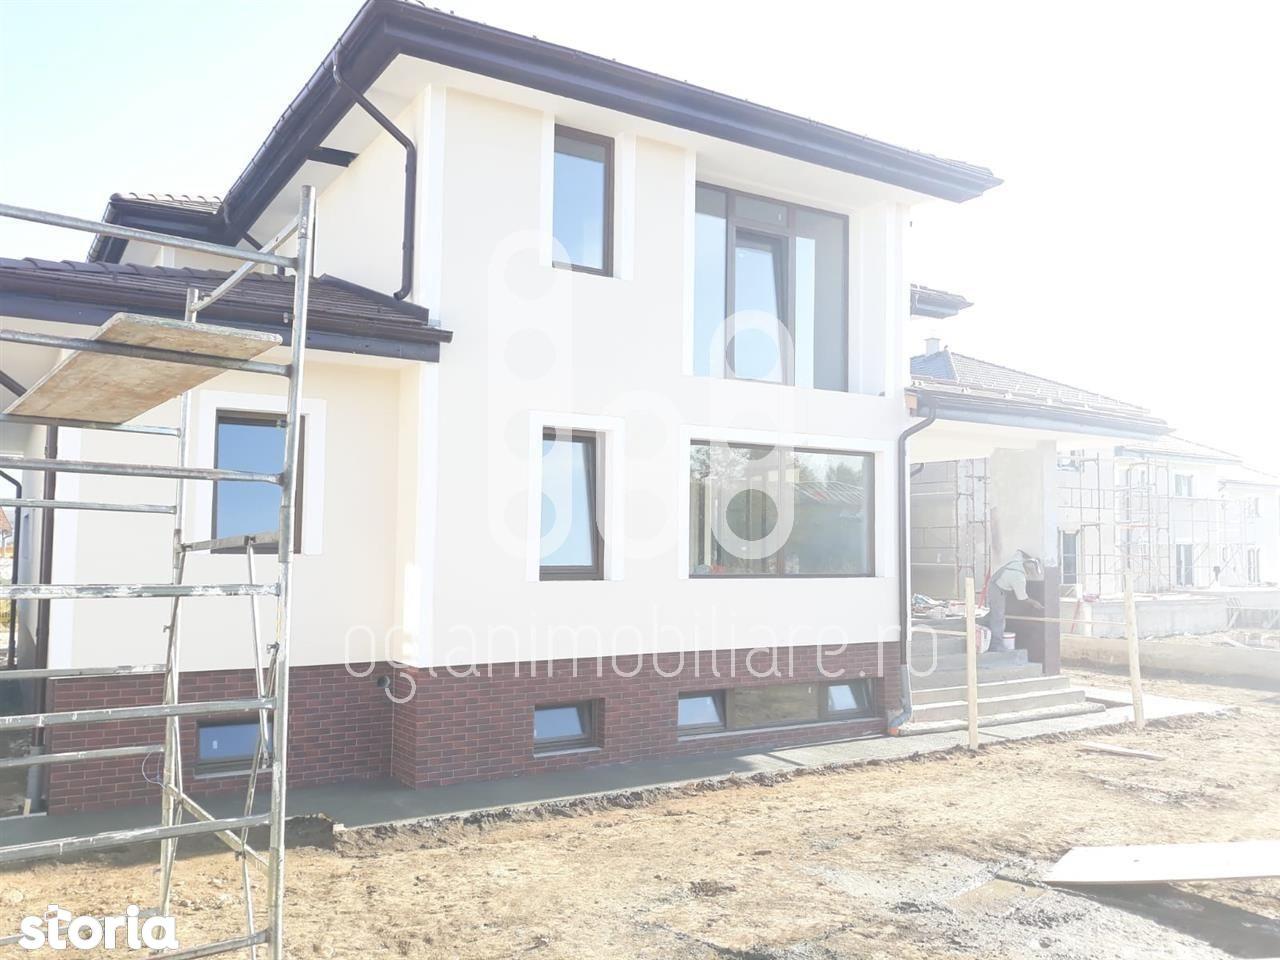 Casa de vanzare, Sibiu (judet), Şelimbăr - Foto 11